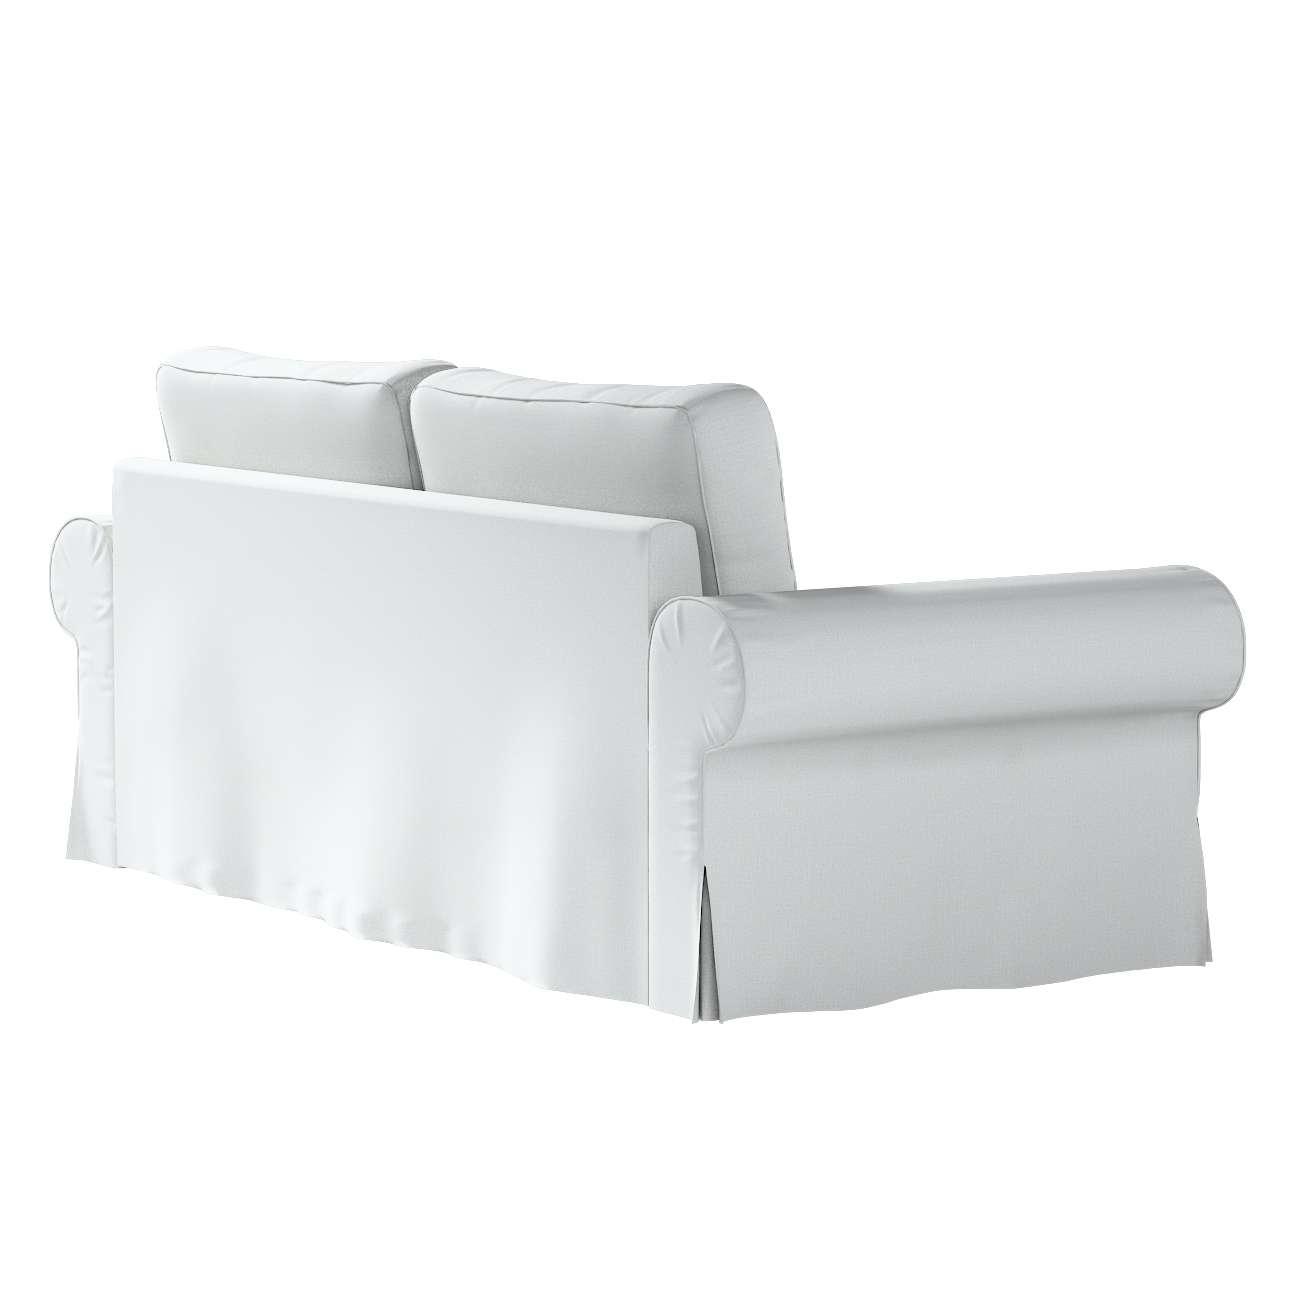 Backabro 3-Sitzer Sofabezug ausklappbar von der Kollektion Living, Stoff: 161-18